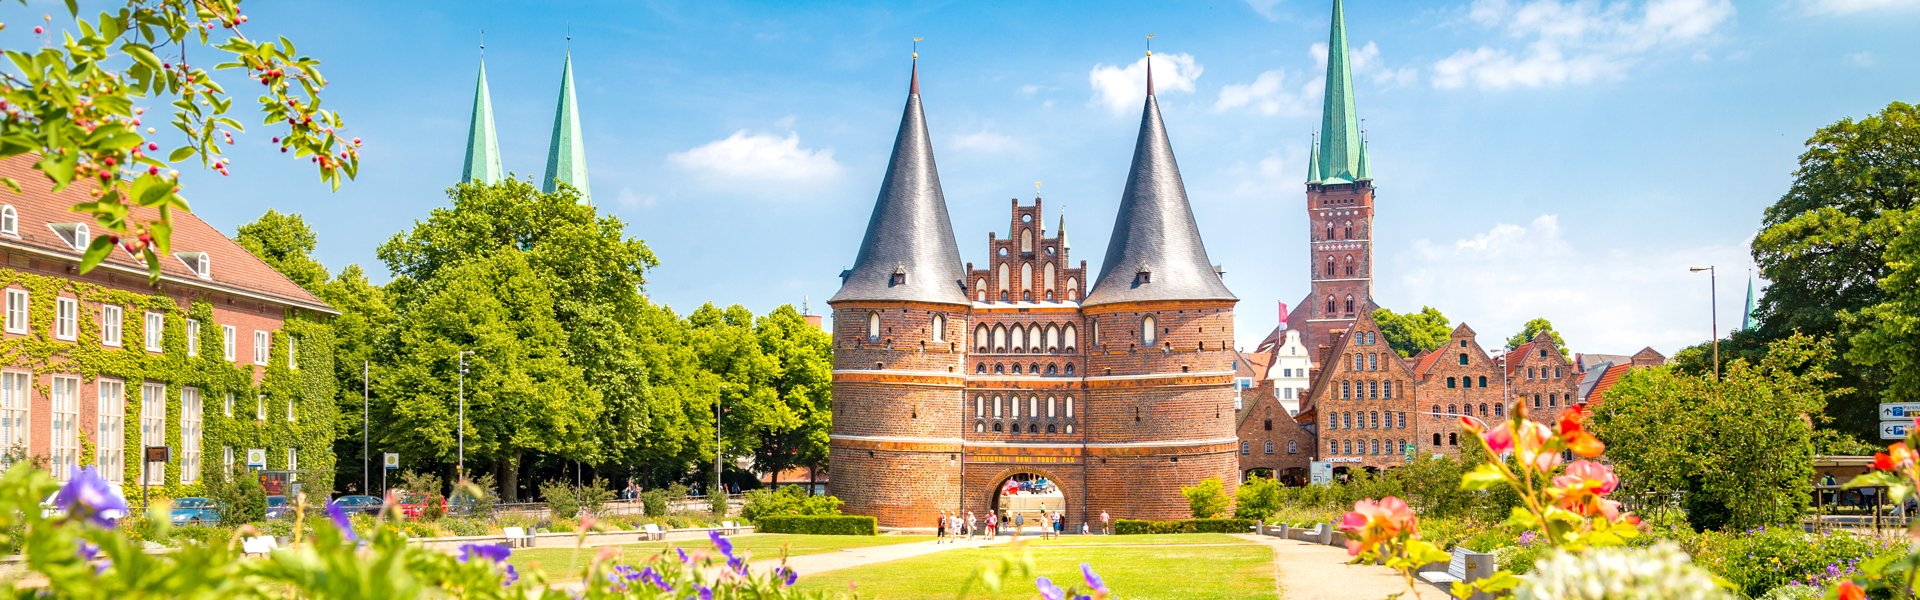 Holstentor in Lübeck, Duitsland